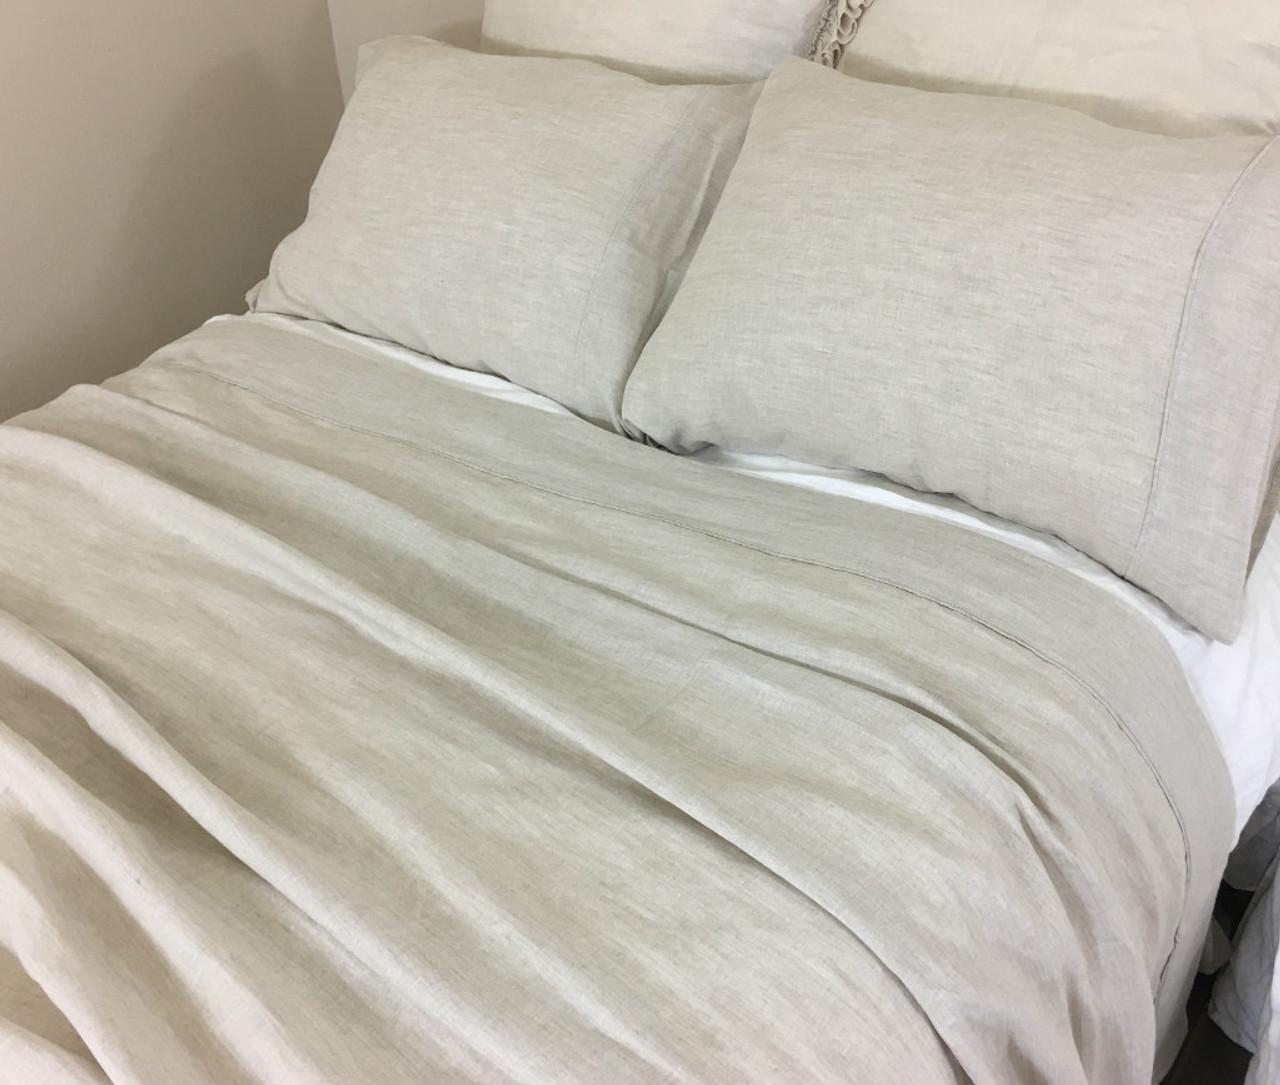 Natural Linen Sheets Set No Dye No Coloring